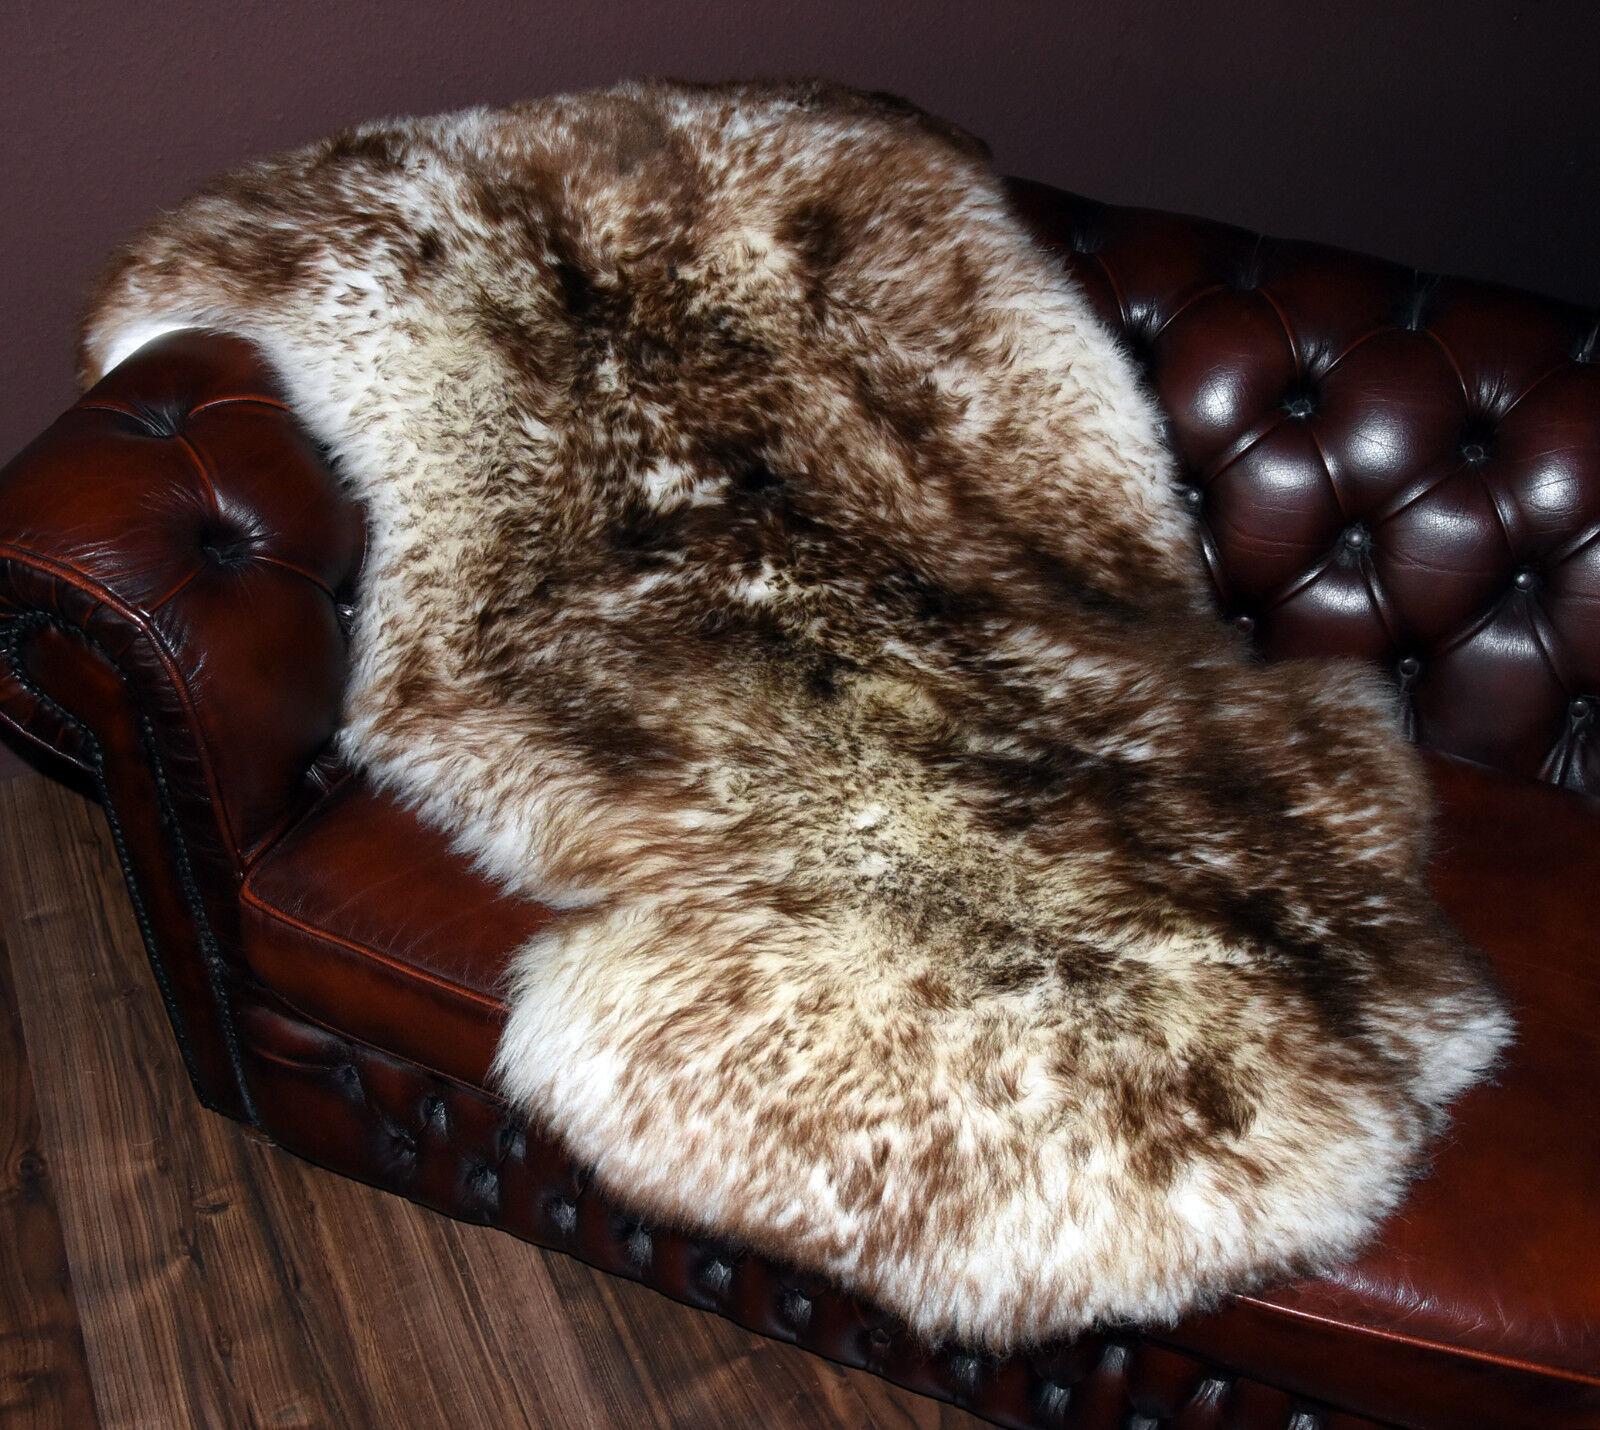 Riesen Schaffell Lammfell Fell Naturfell giant sheepskin rug geflammt 140x88cm